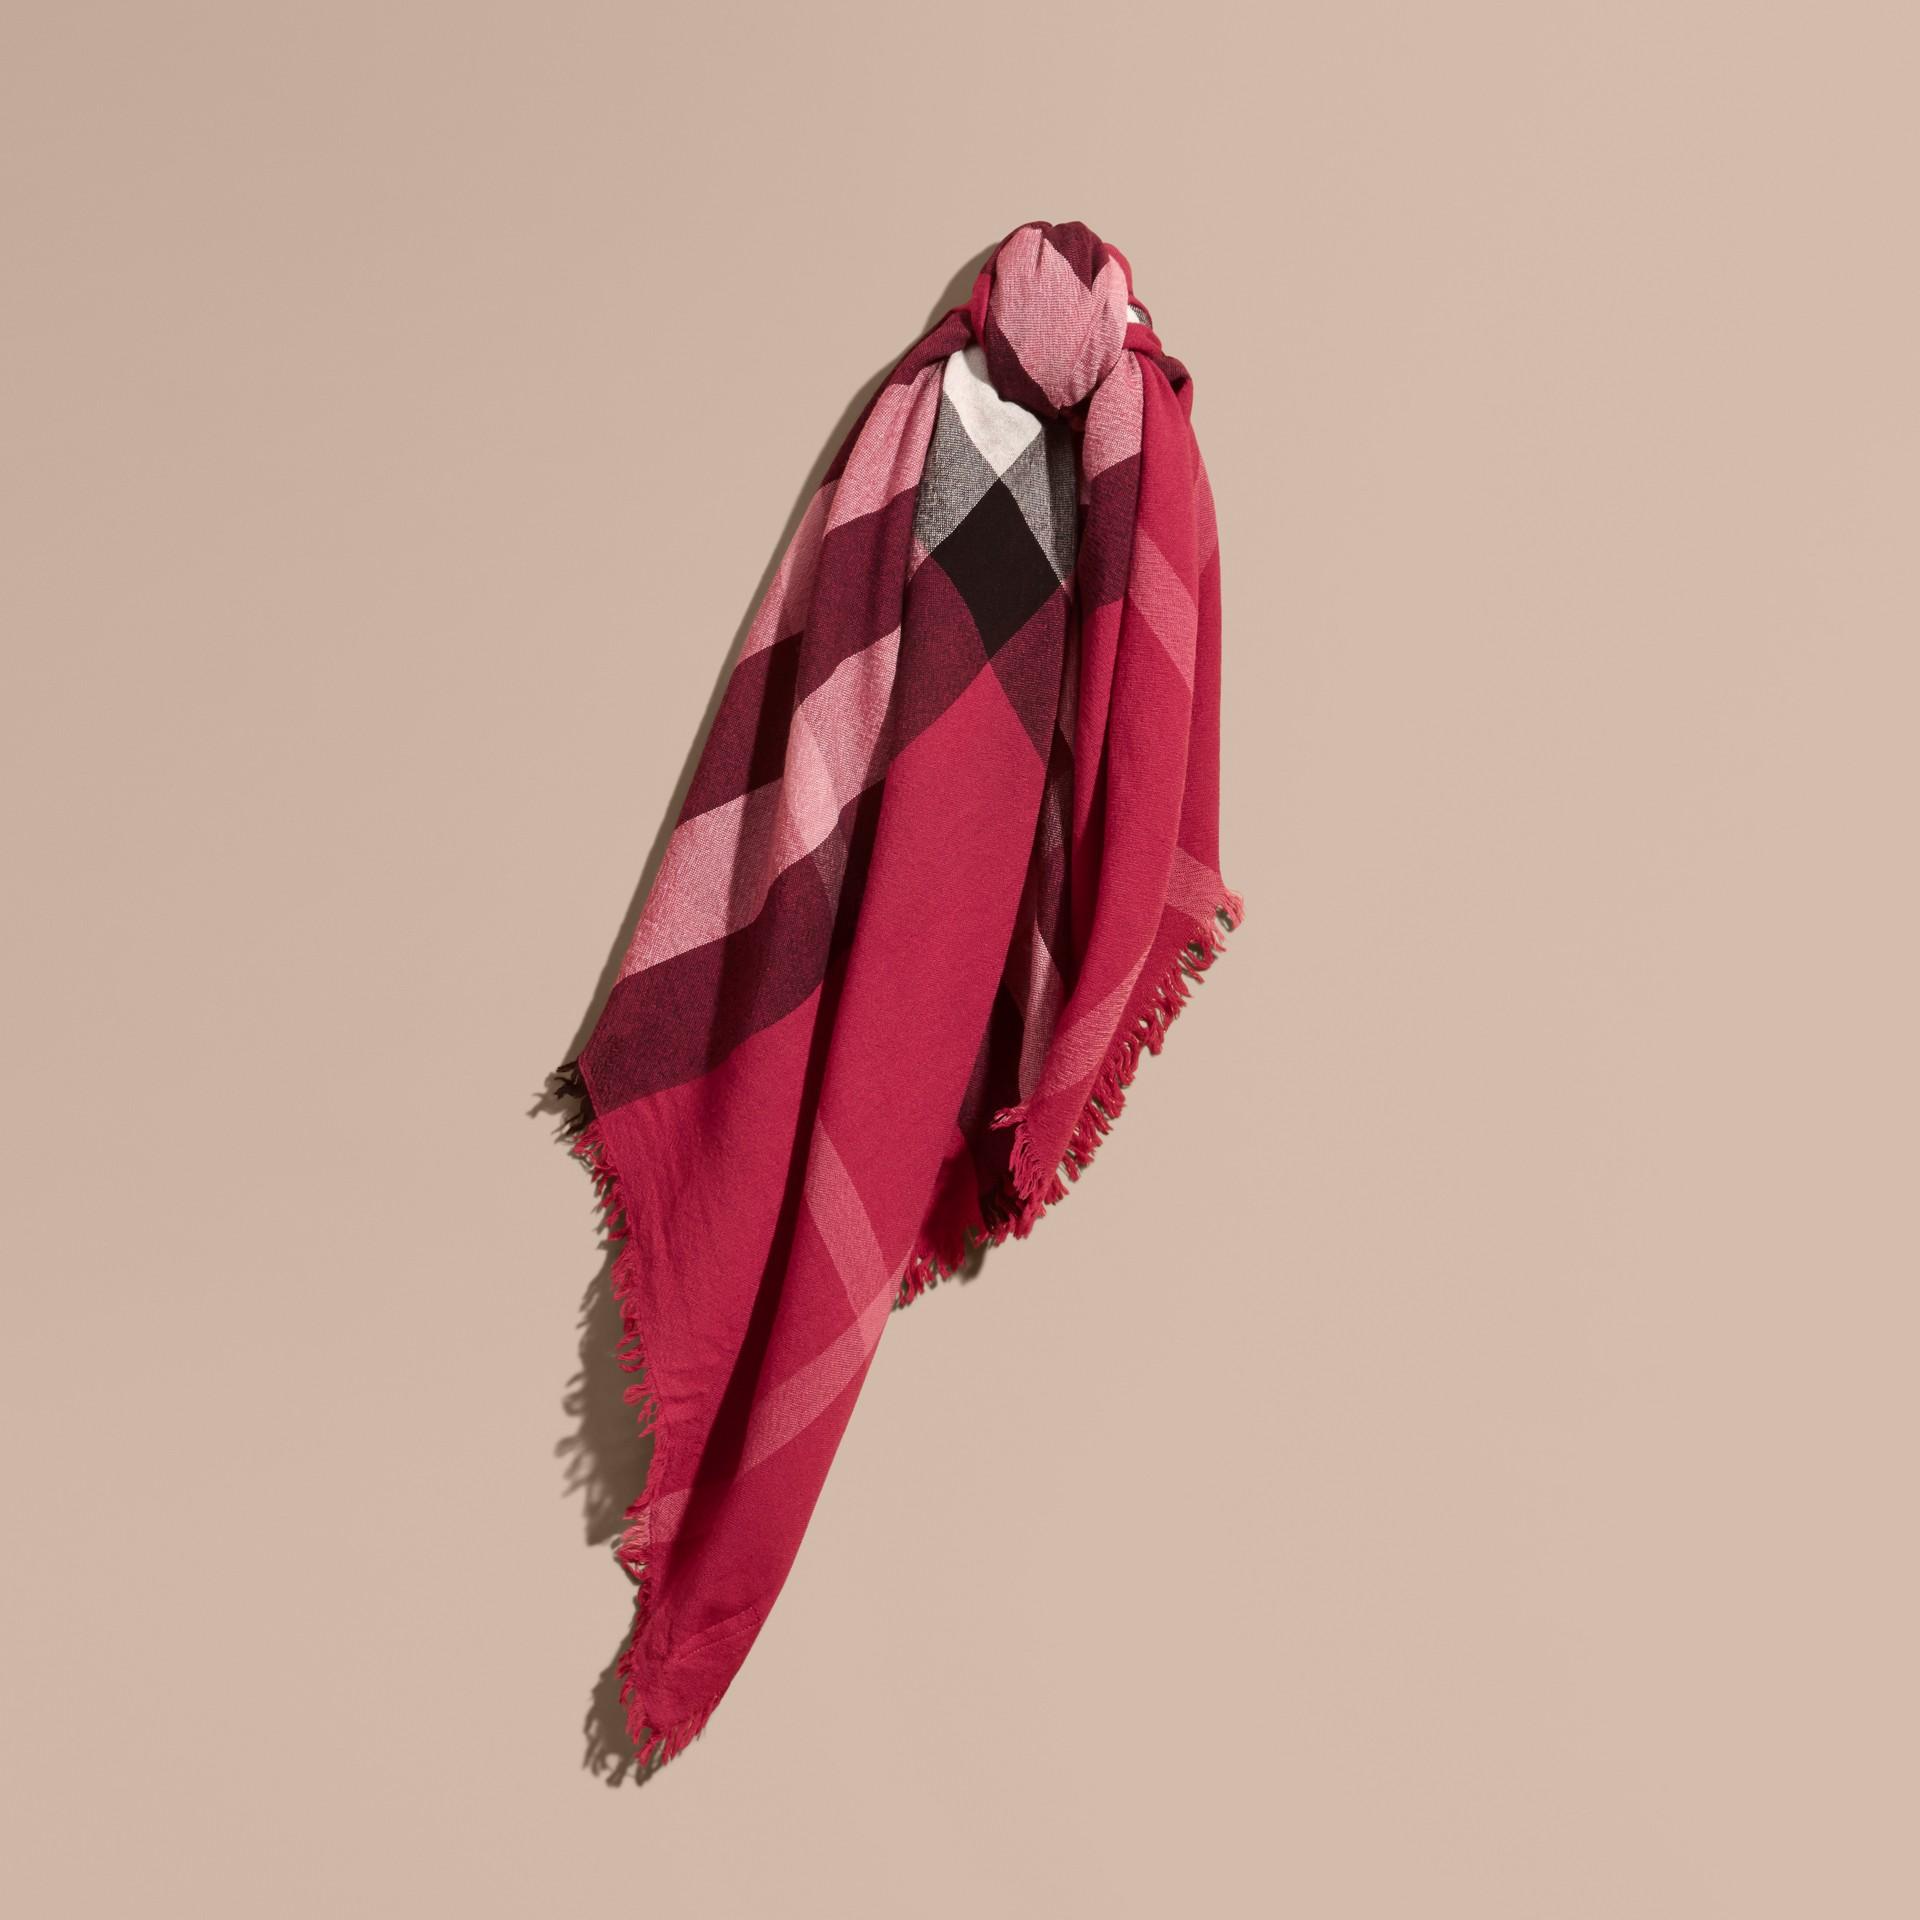 Rose prune sombre Grande écharpe carrée en laine mérinos à motif check Rose Prune Sombre - photo de la galerie 1